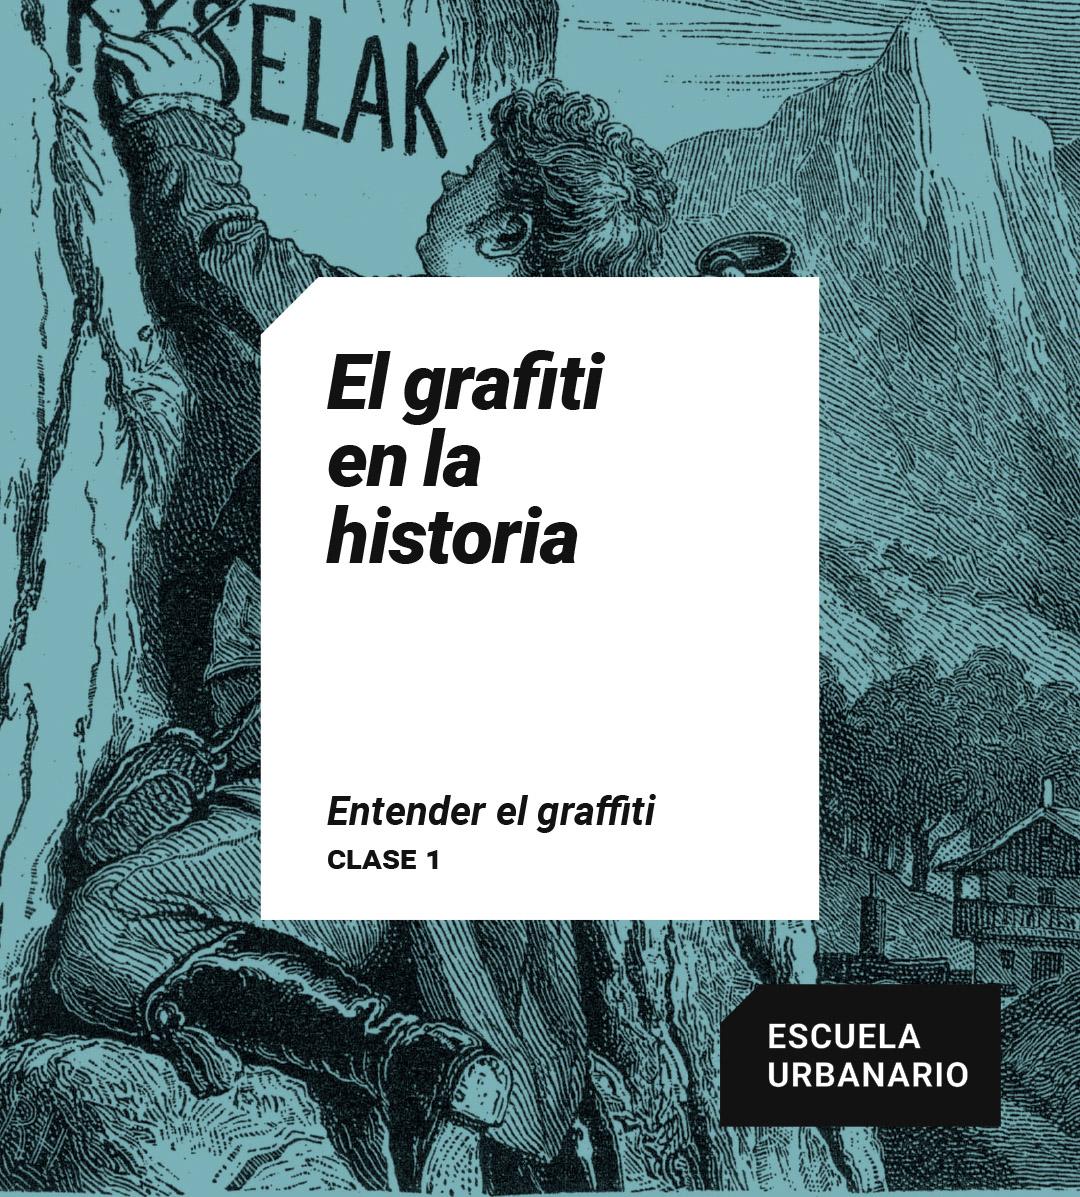 El graffiti en la historia